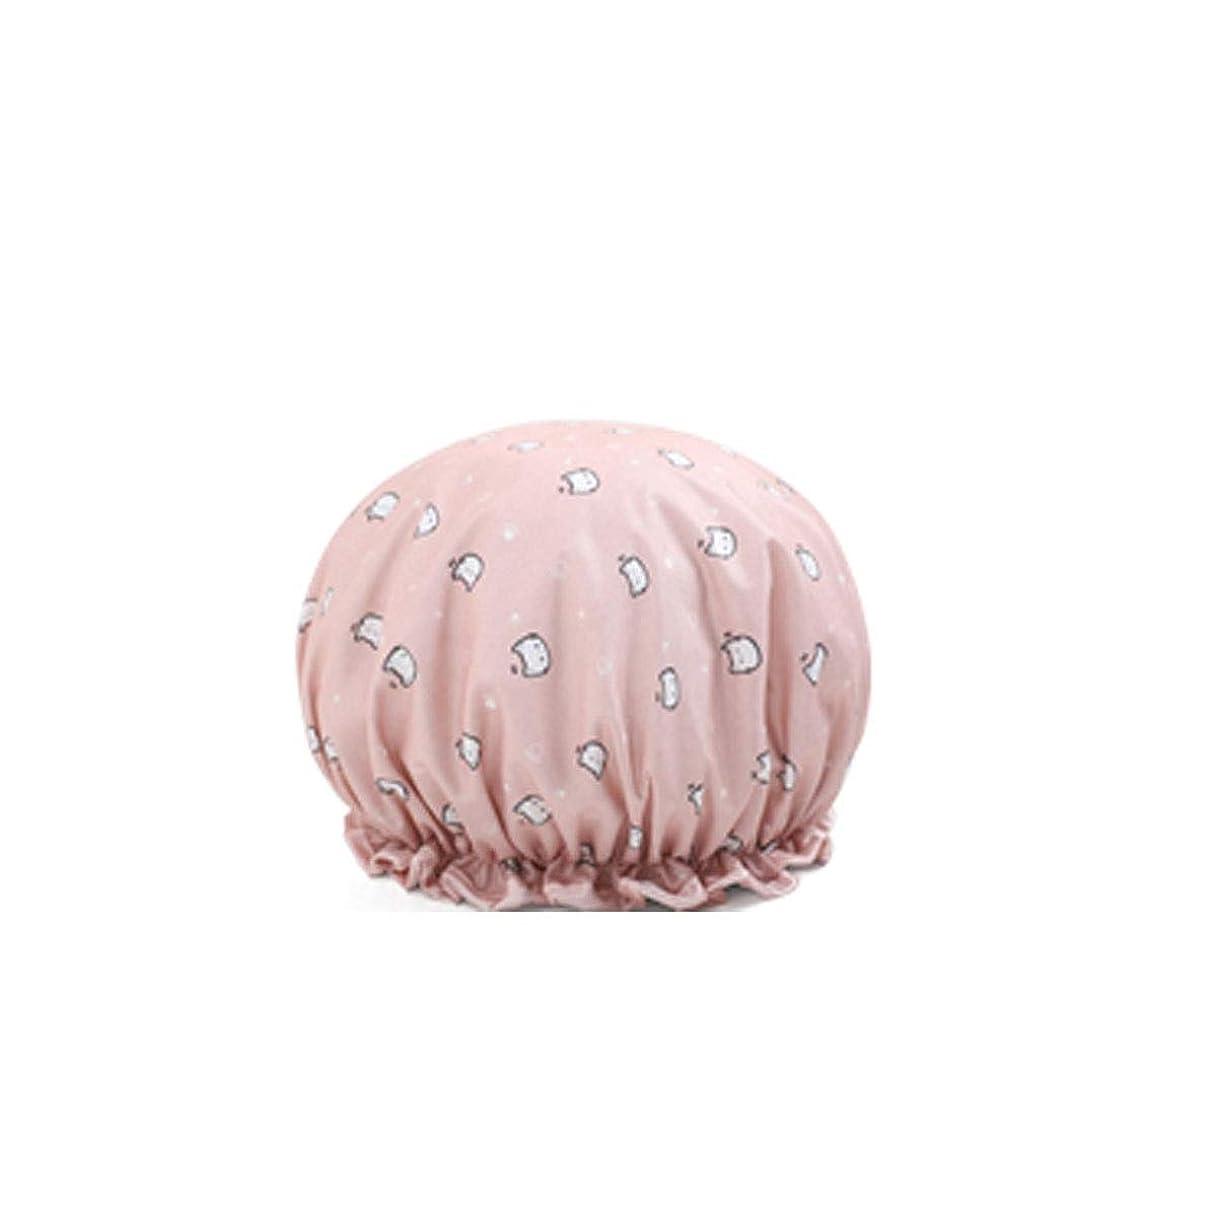 雲ホイスト佐賀HENGTONGTONGXUN シャワーキャップ、シャワーキャップ防水、大人の女性のシャワーキャップ、シャワーのシャワーキャップ、かわいいキッチンの耐油キャップ、黄色、ピンク、青、赤 (Color : Pink)